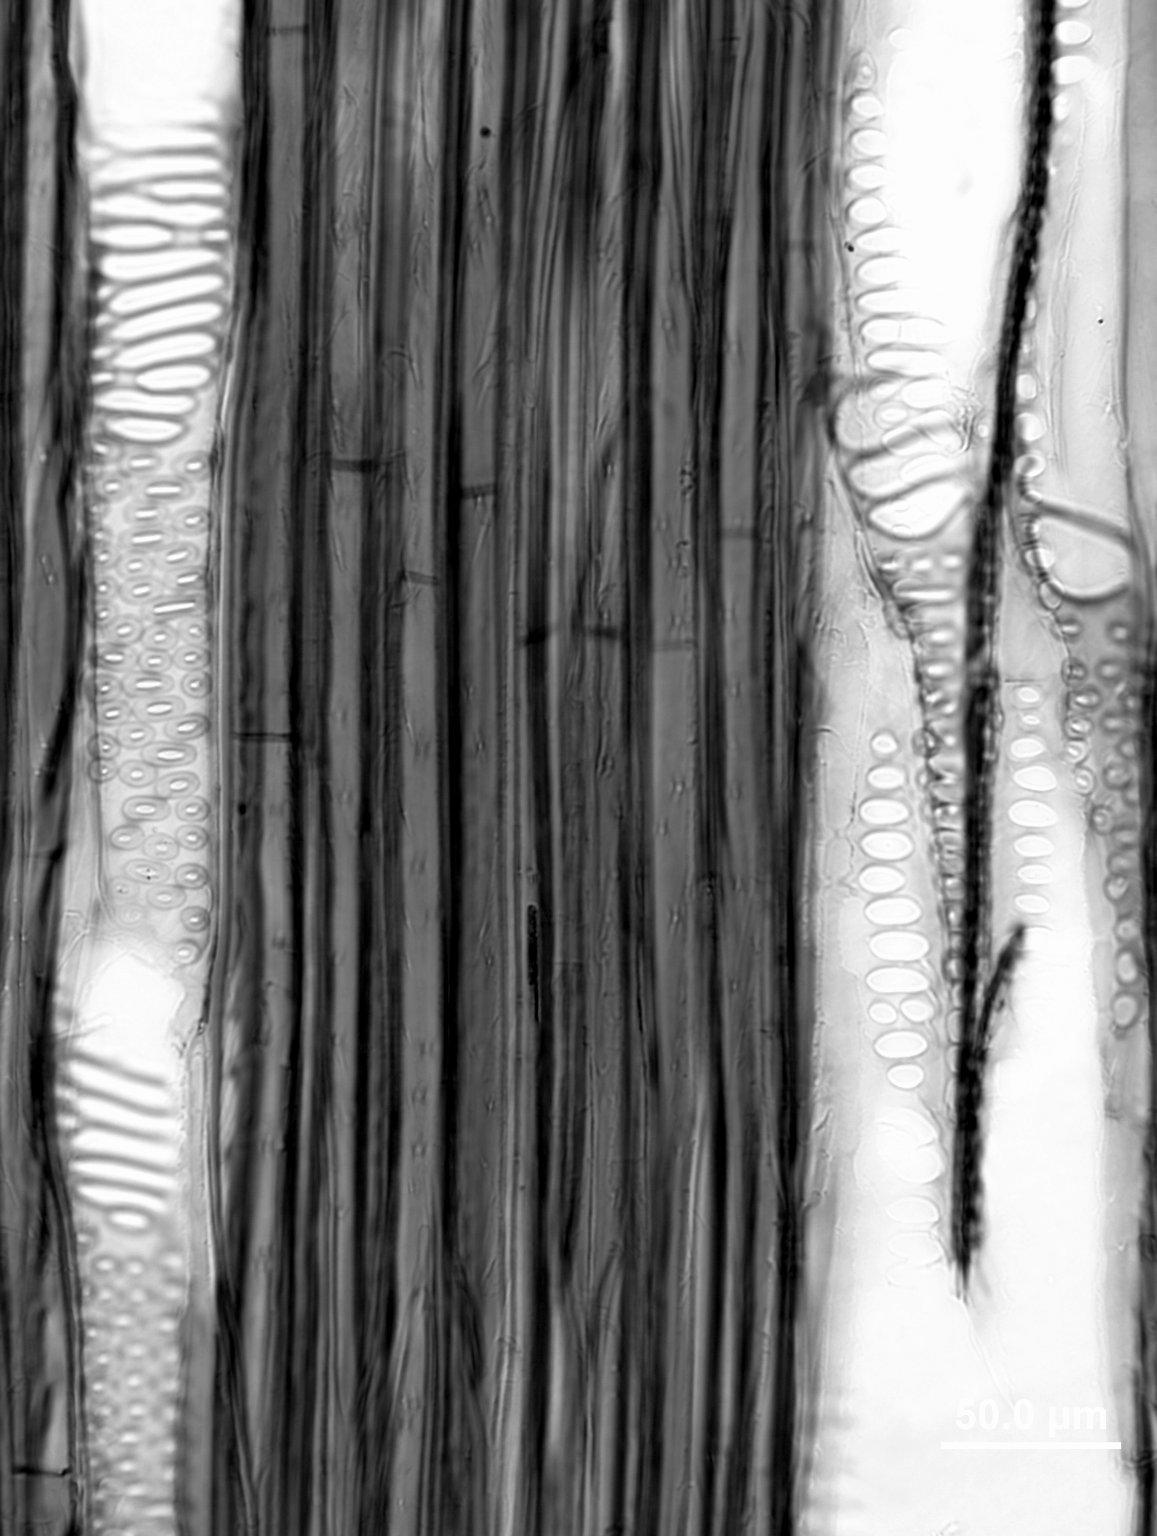 ARALIACEAE Dendropanax arboreus